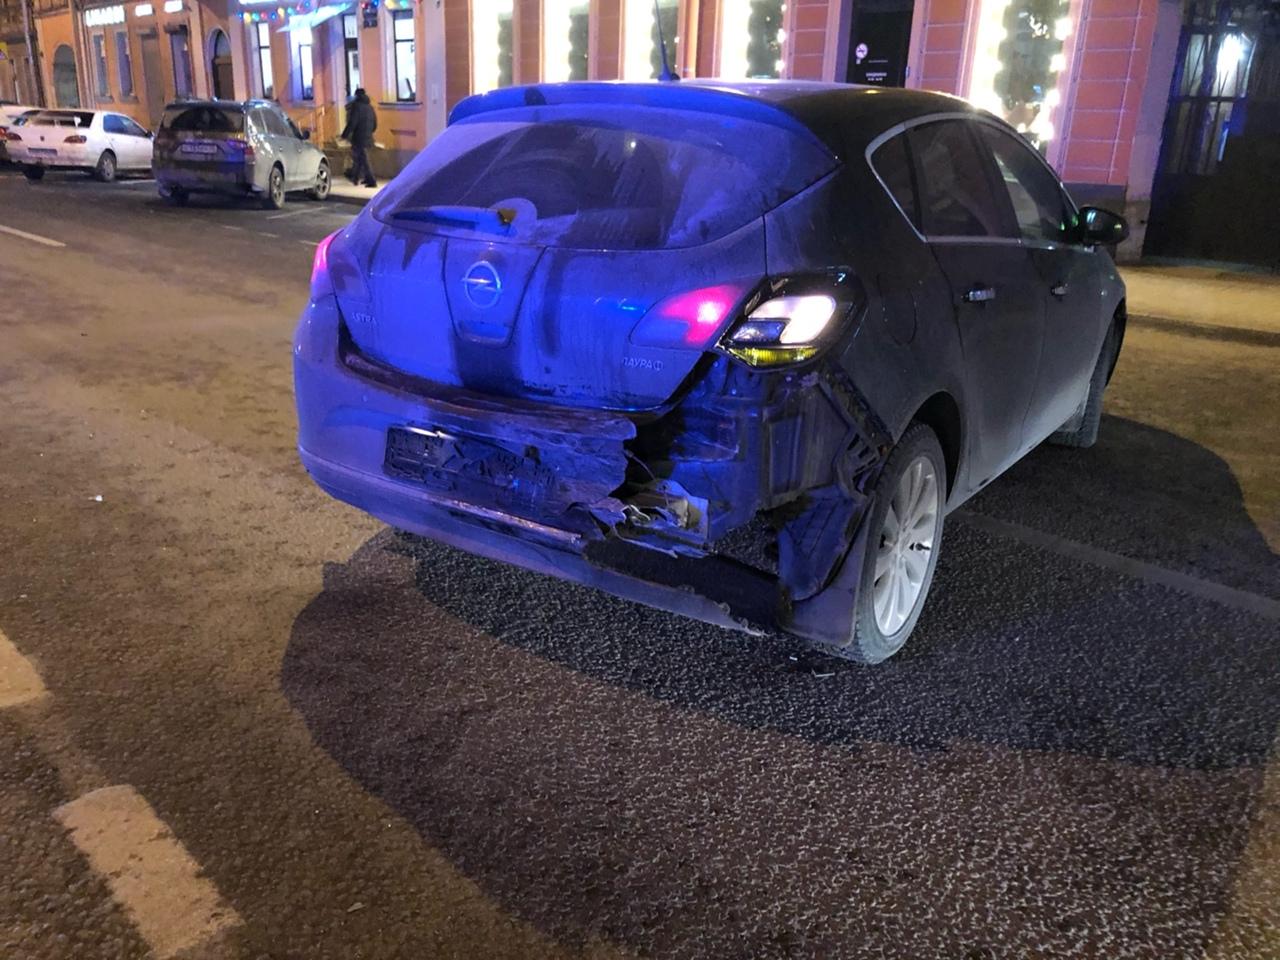 На улице Жуковского у дома 41 произошло ДТП с участием полиции. Они влетели в меня сзади, когда я о...